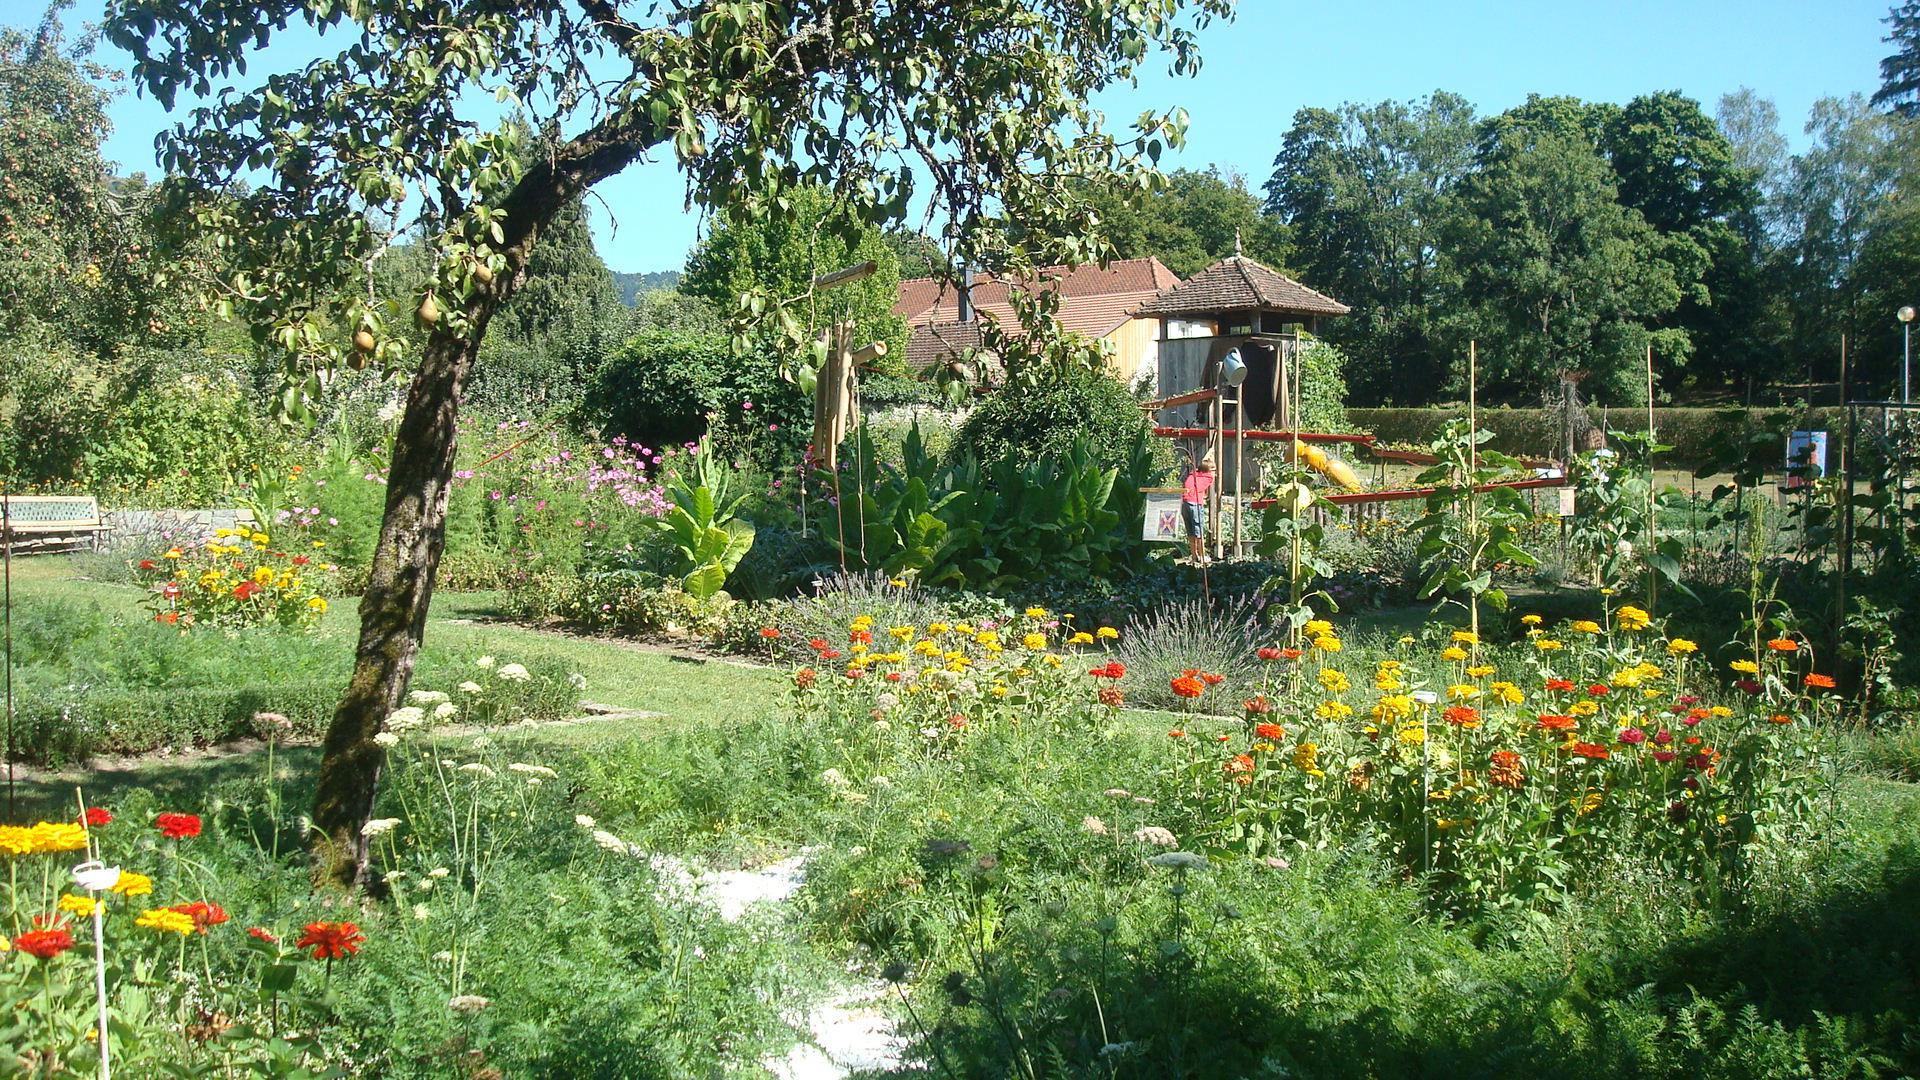 Parc de wesserling alsace a la conqu te de l 39 est for Jardin wesserling